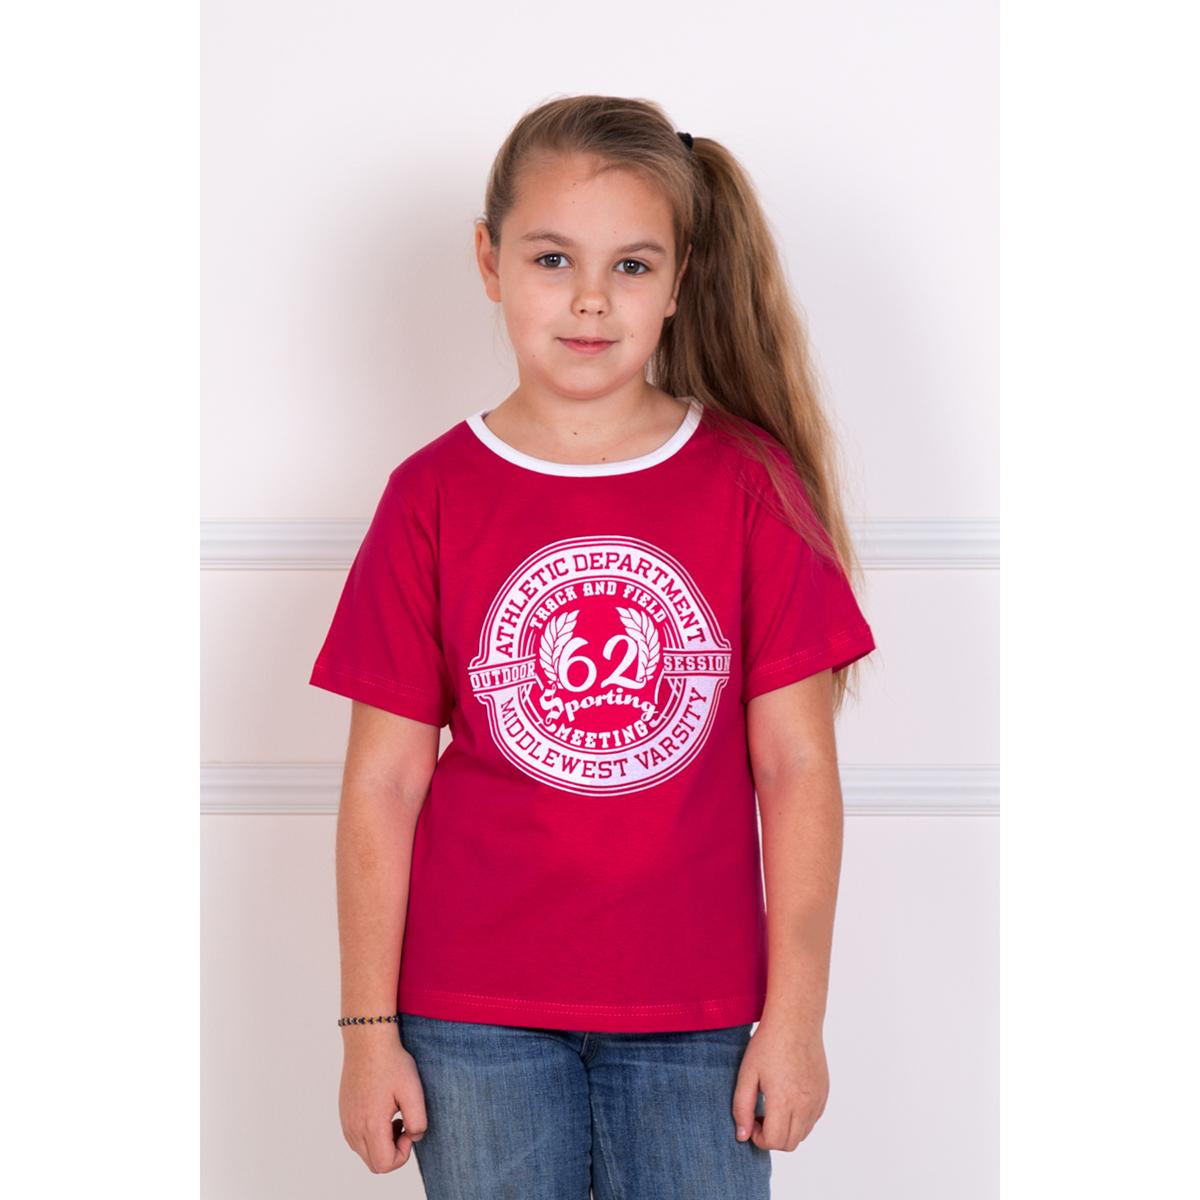 Детская футболка Камелот Малиновый, размер 30Майки и футболки<br><br><br>Тип: Дет. футболка<br>Размер: 30<br>Материал: Кулирка